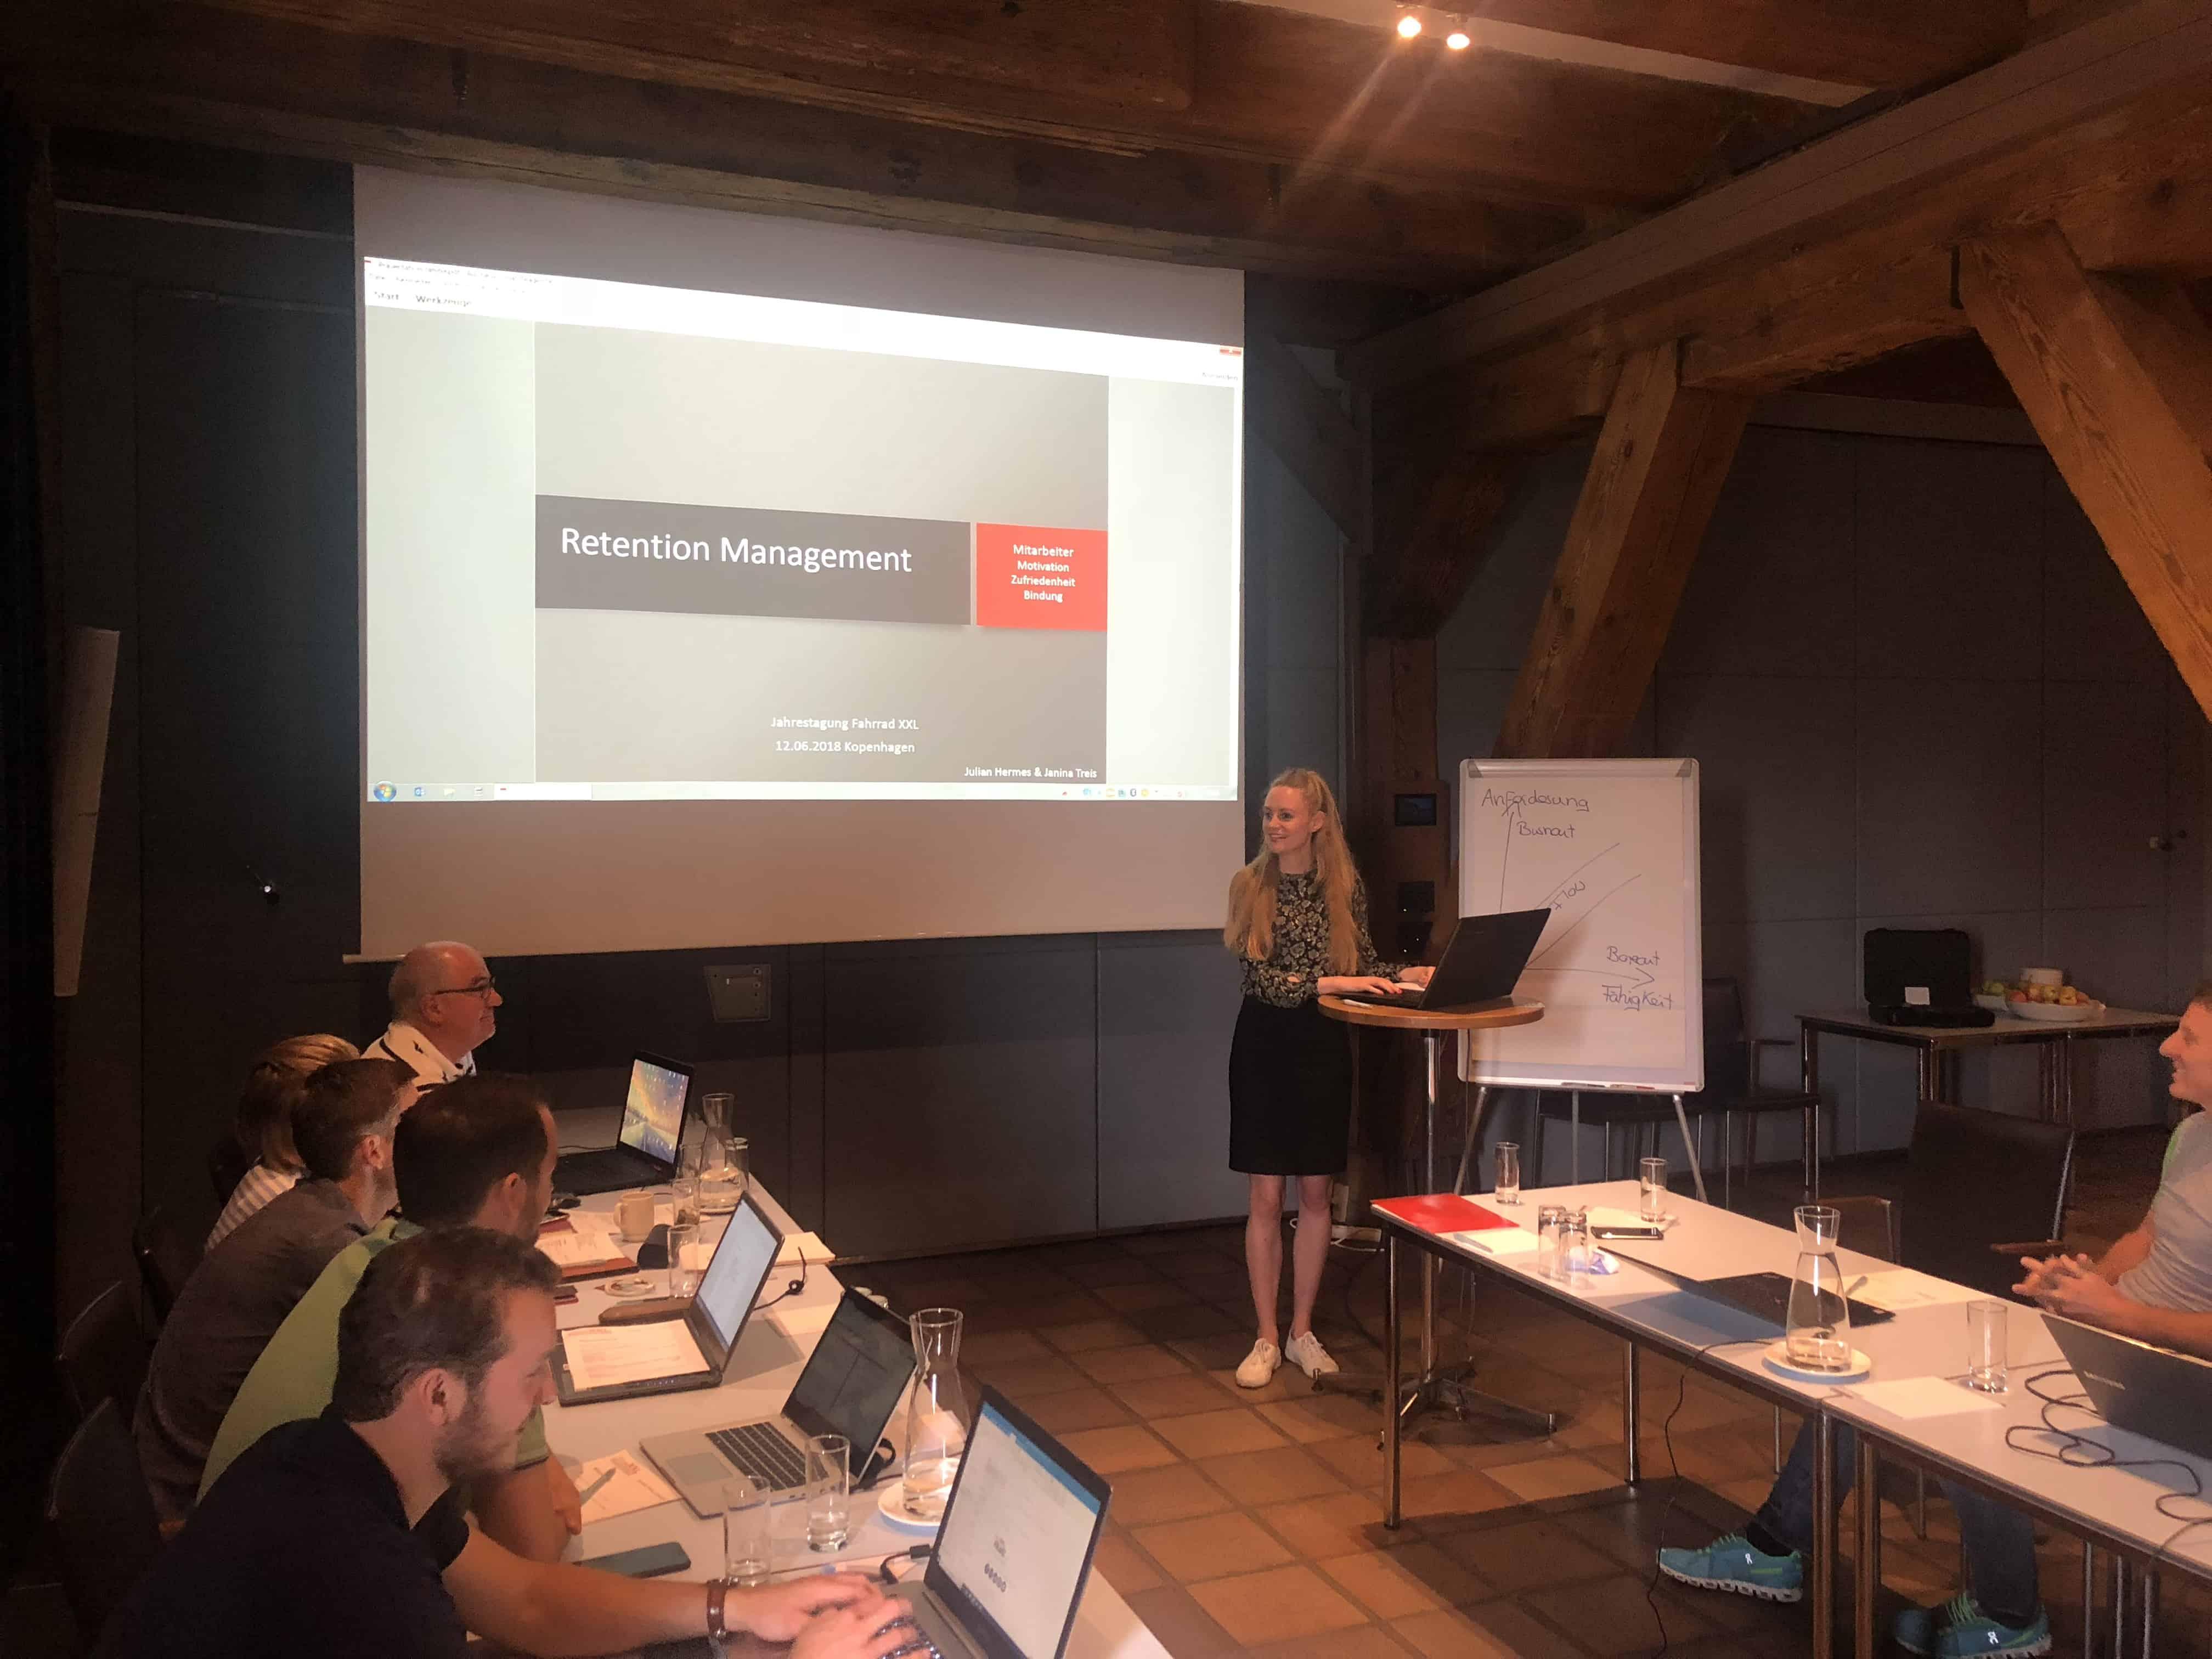 Janina Treis als Speakterin zum Thema Retention Management in Kopenhagen